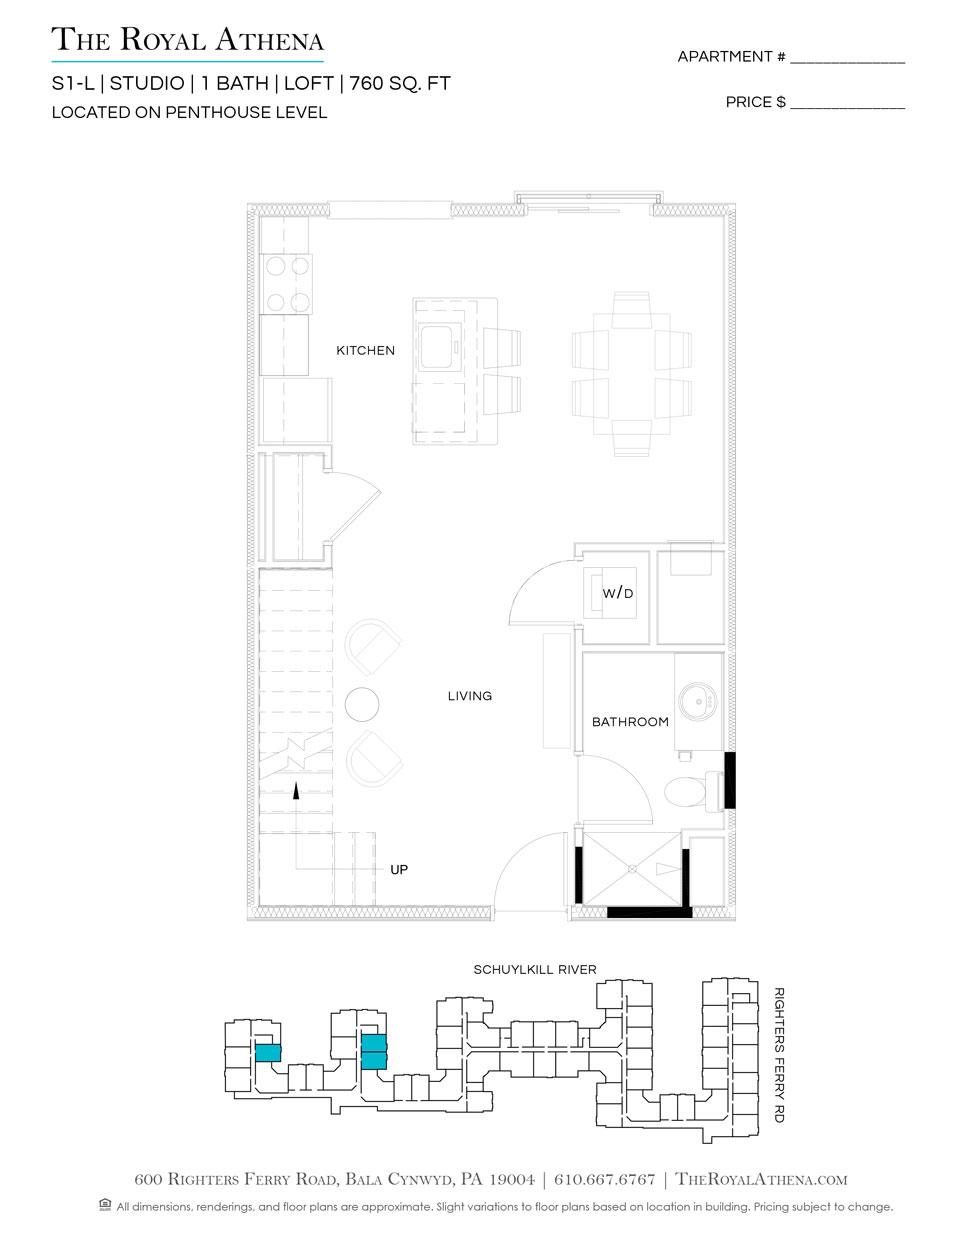 P0659218 s1 l 1 2 floorplan